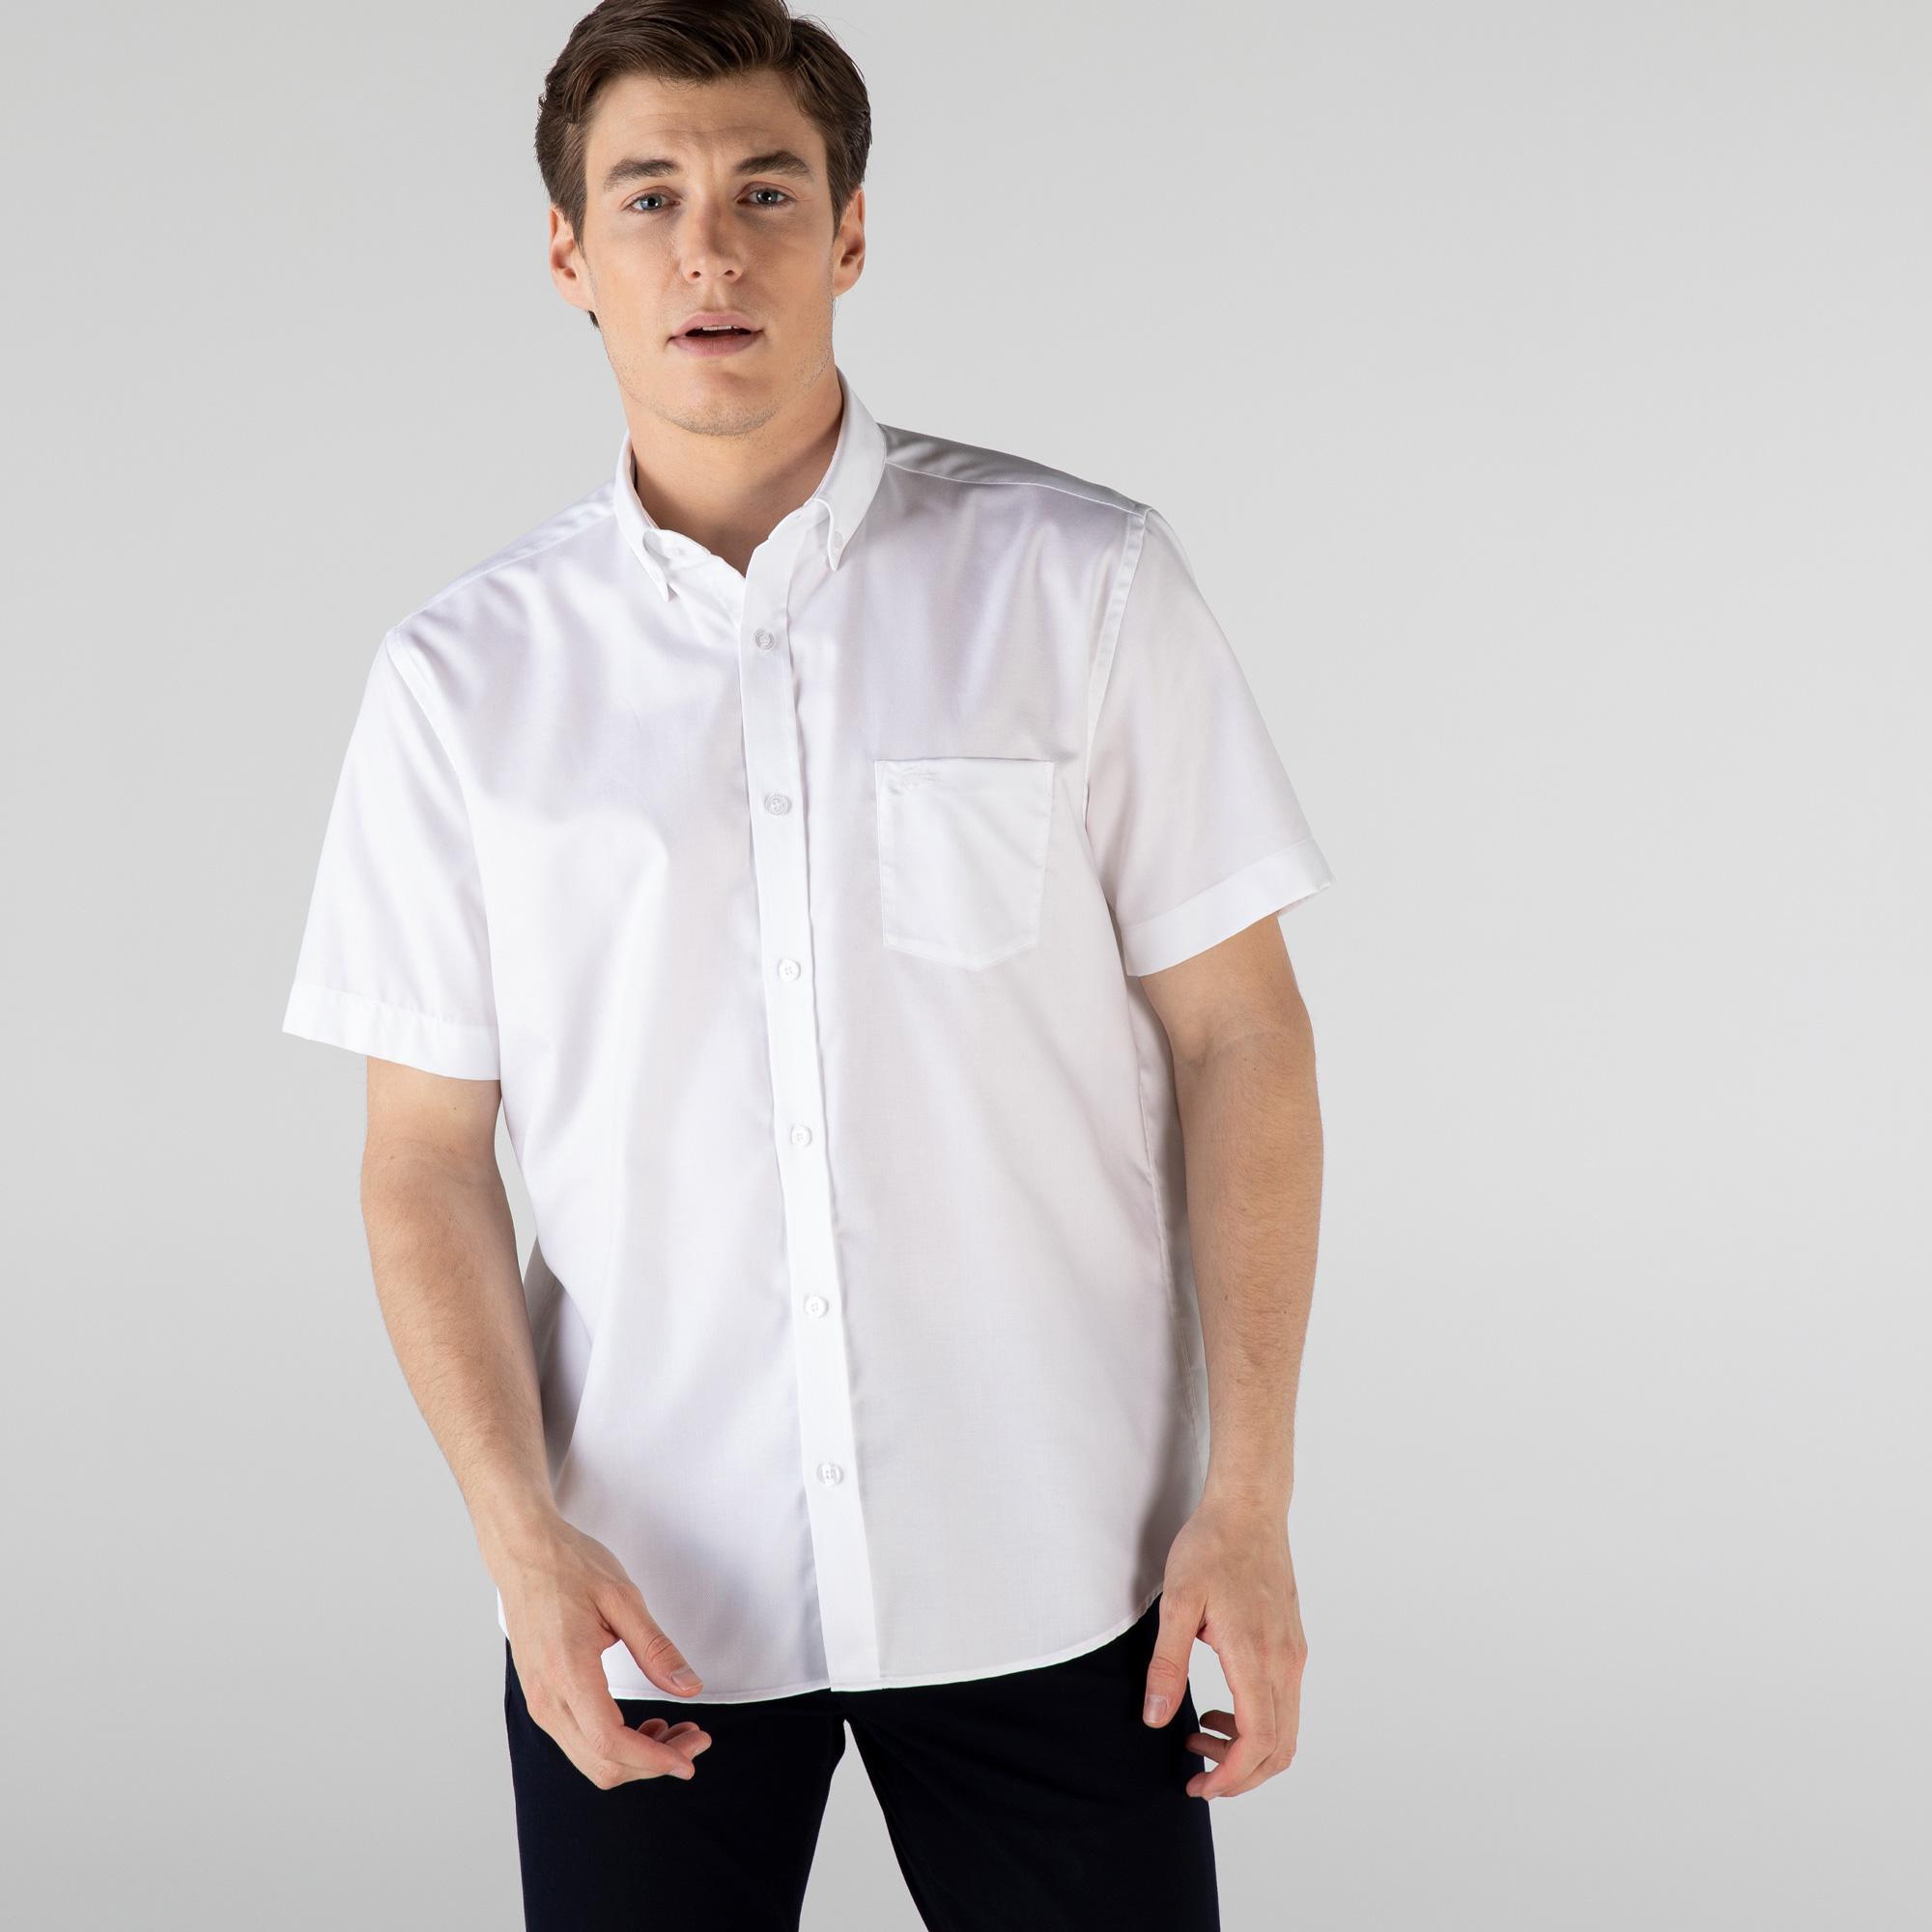 Lacoste Erkek Regular Fit Kısa Kollu Beyaz Gömlek